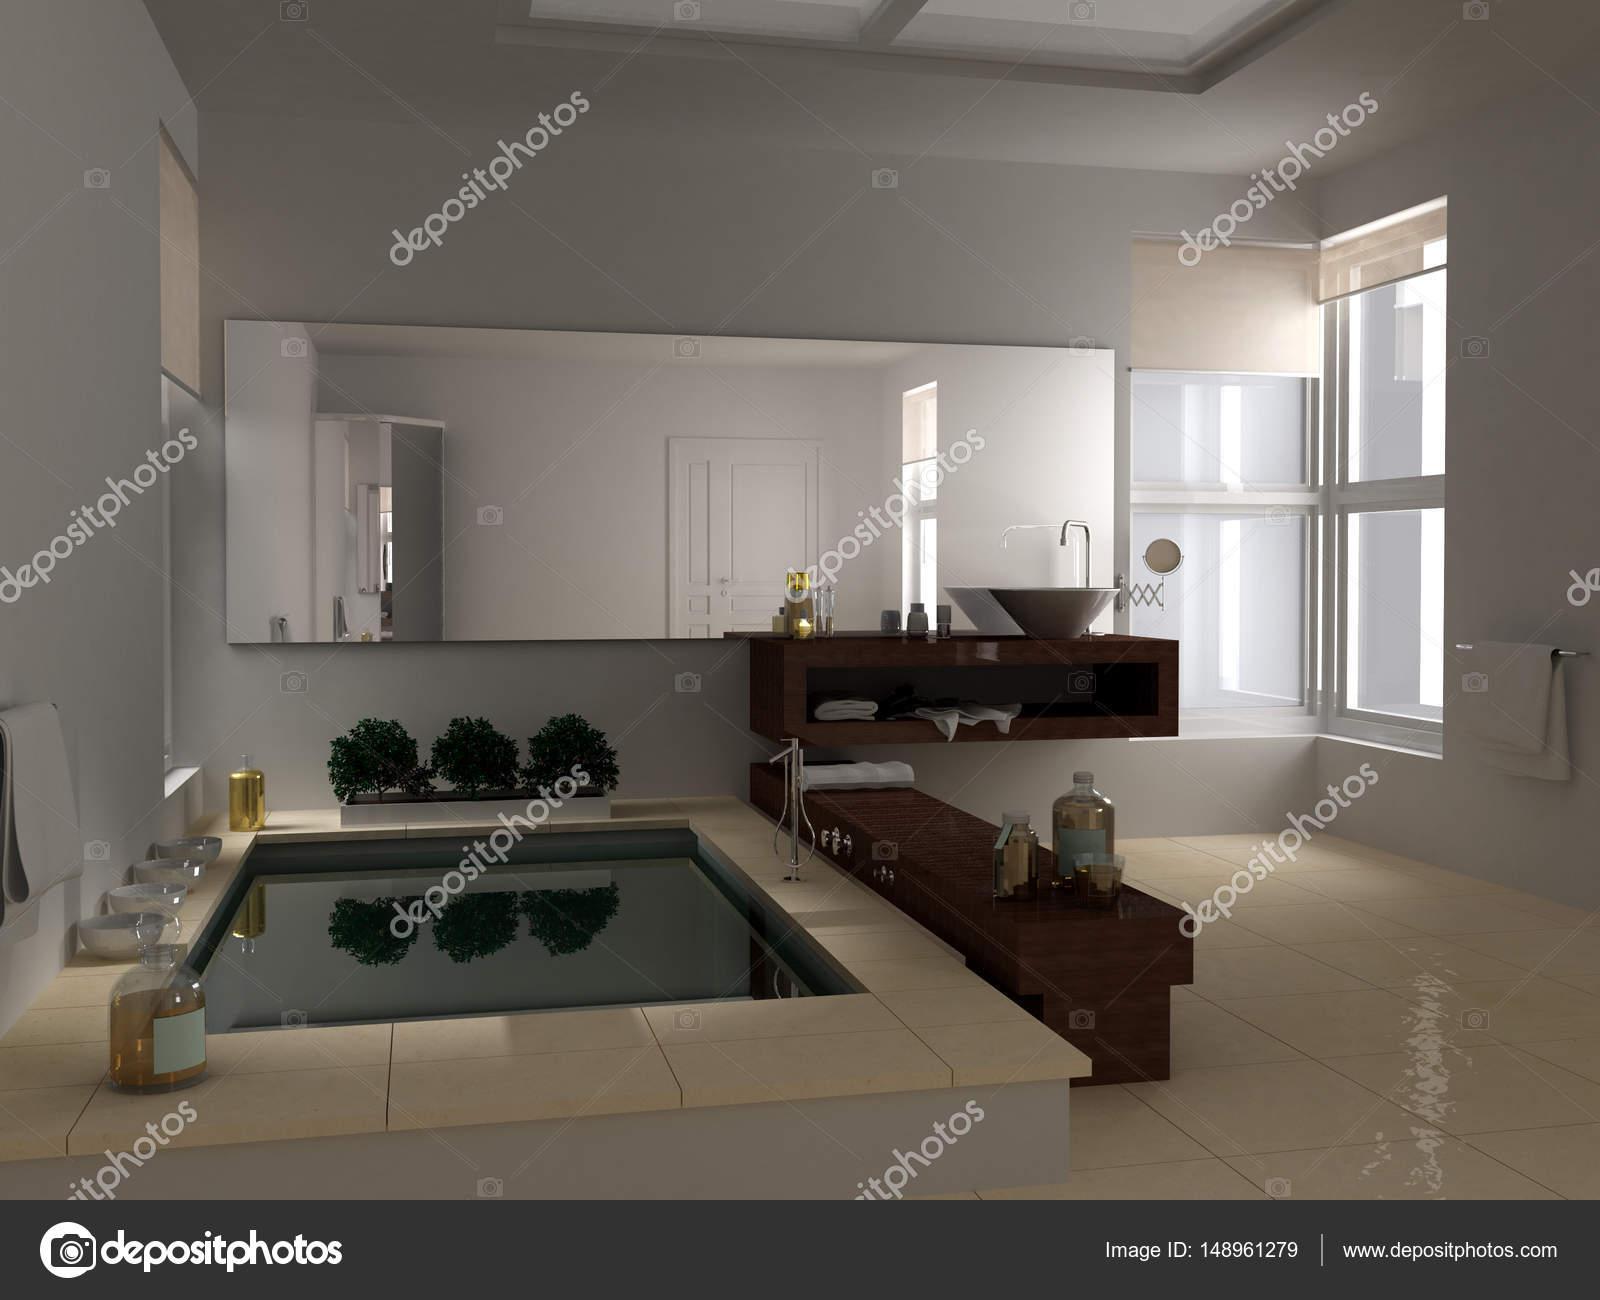 Minimalistische Badezimmer Mit Großer Badewanne Innendesign Des